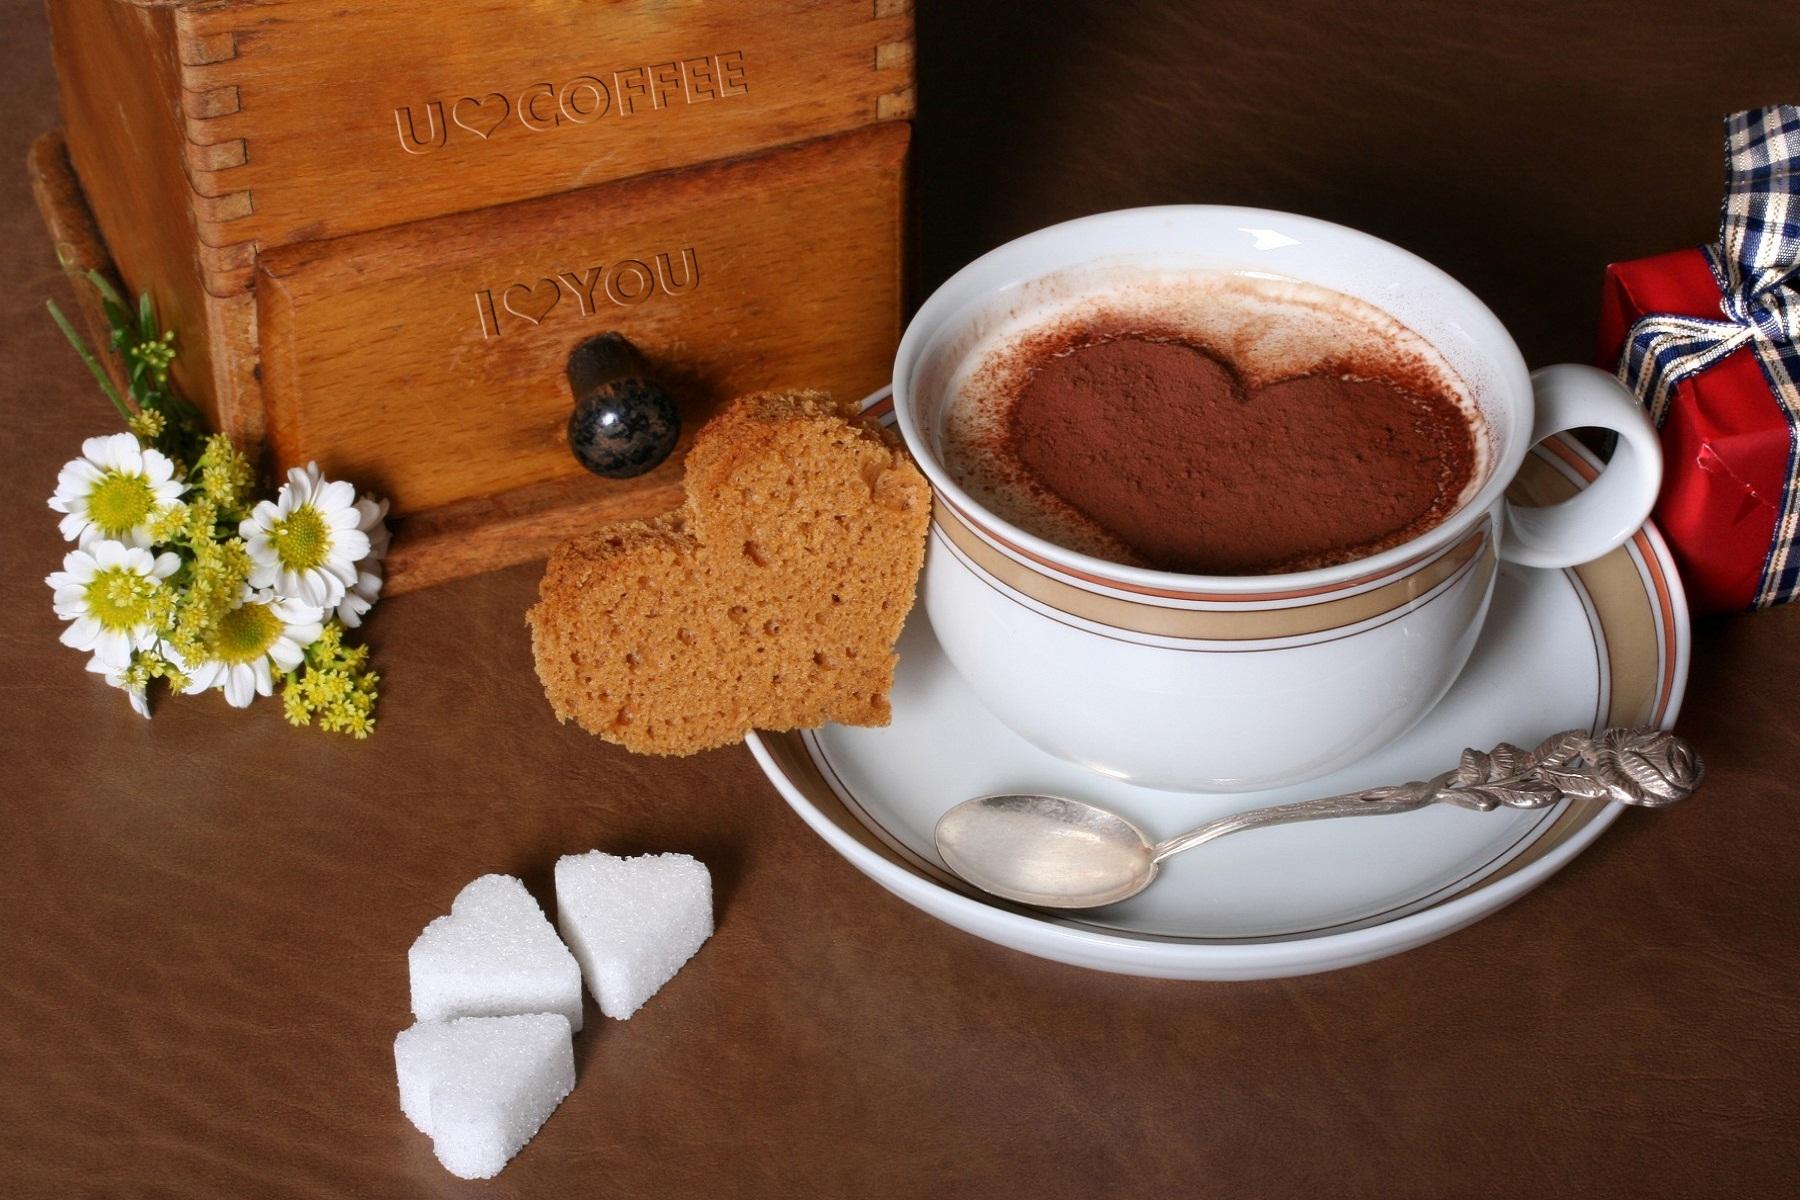 صباح الخير قهوة احلى صباح مع القهوه الصباحيه كيوت